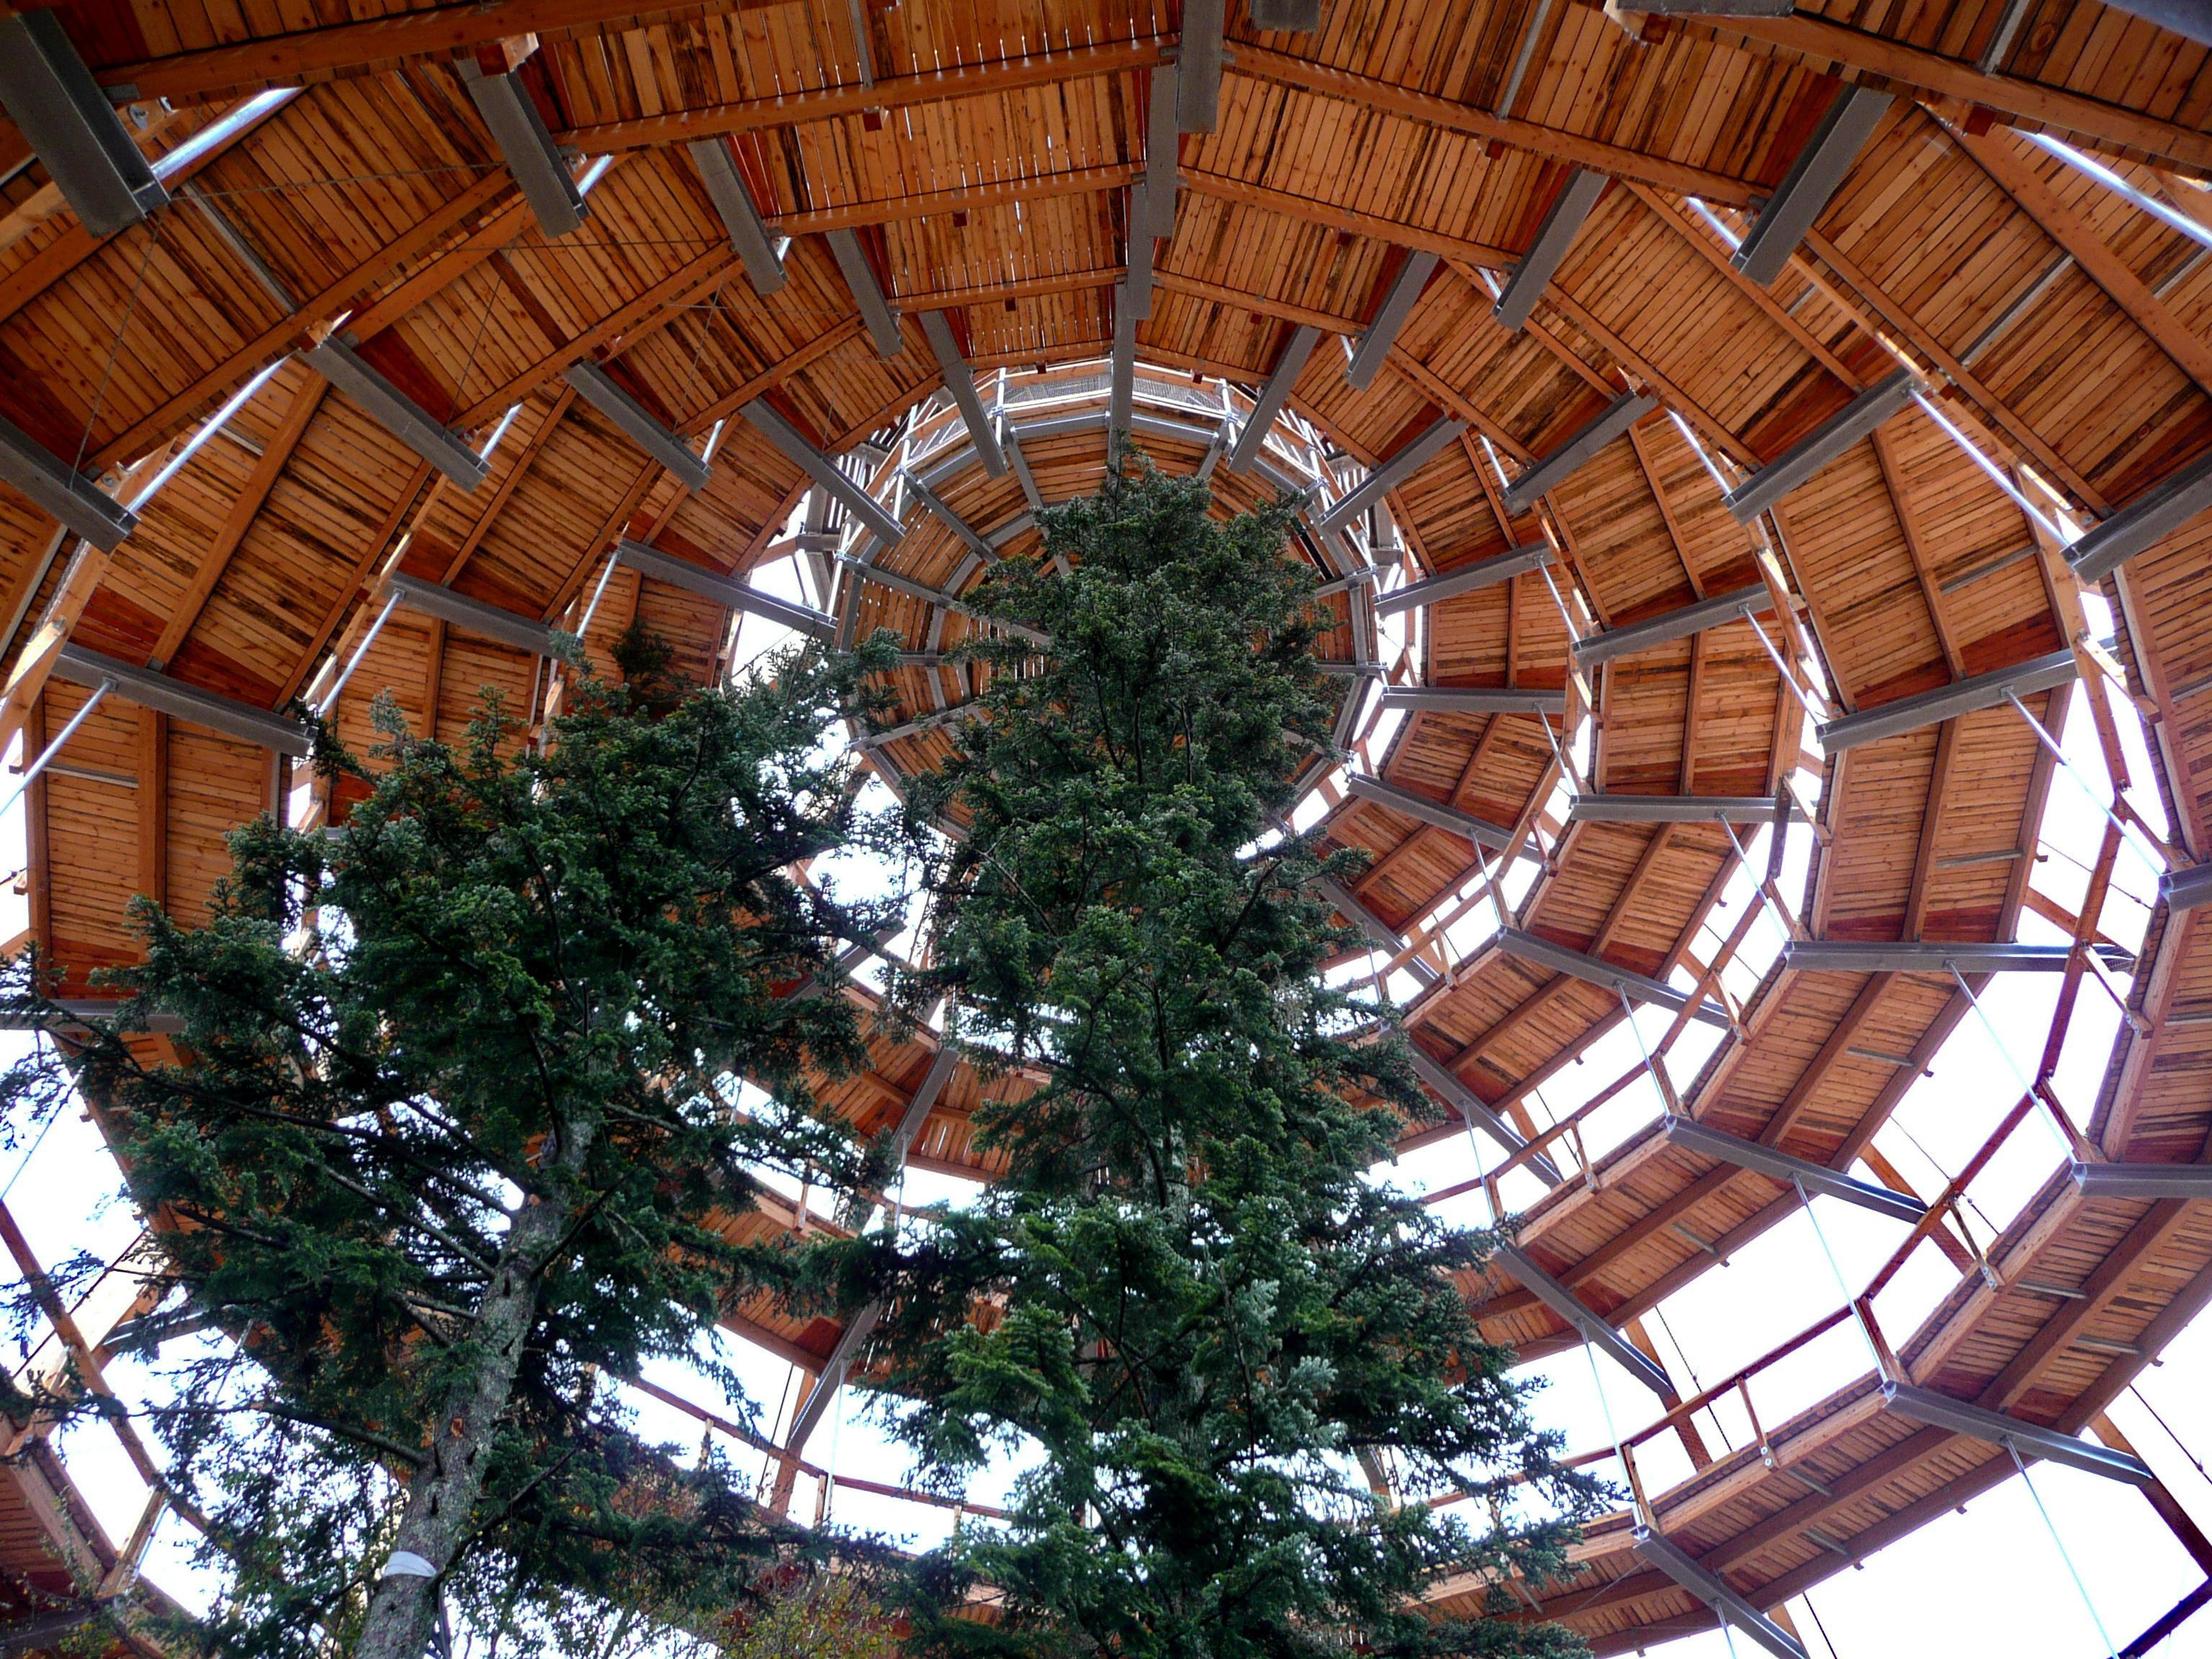 Im Turm des Baumwipfelpfades